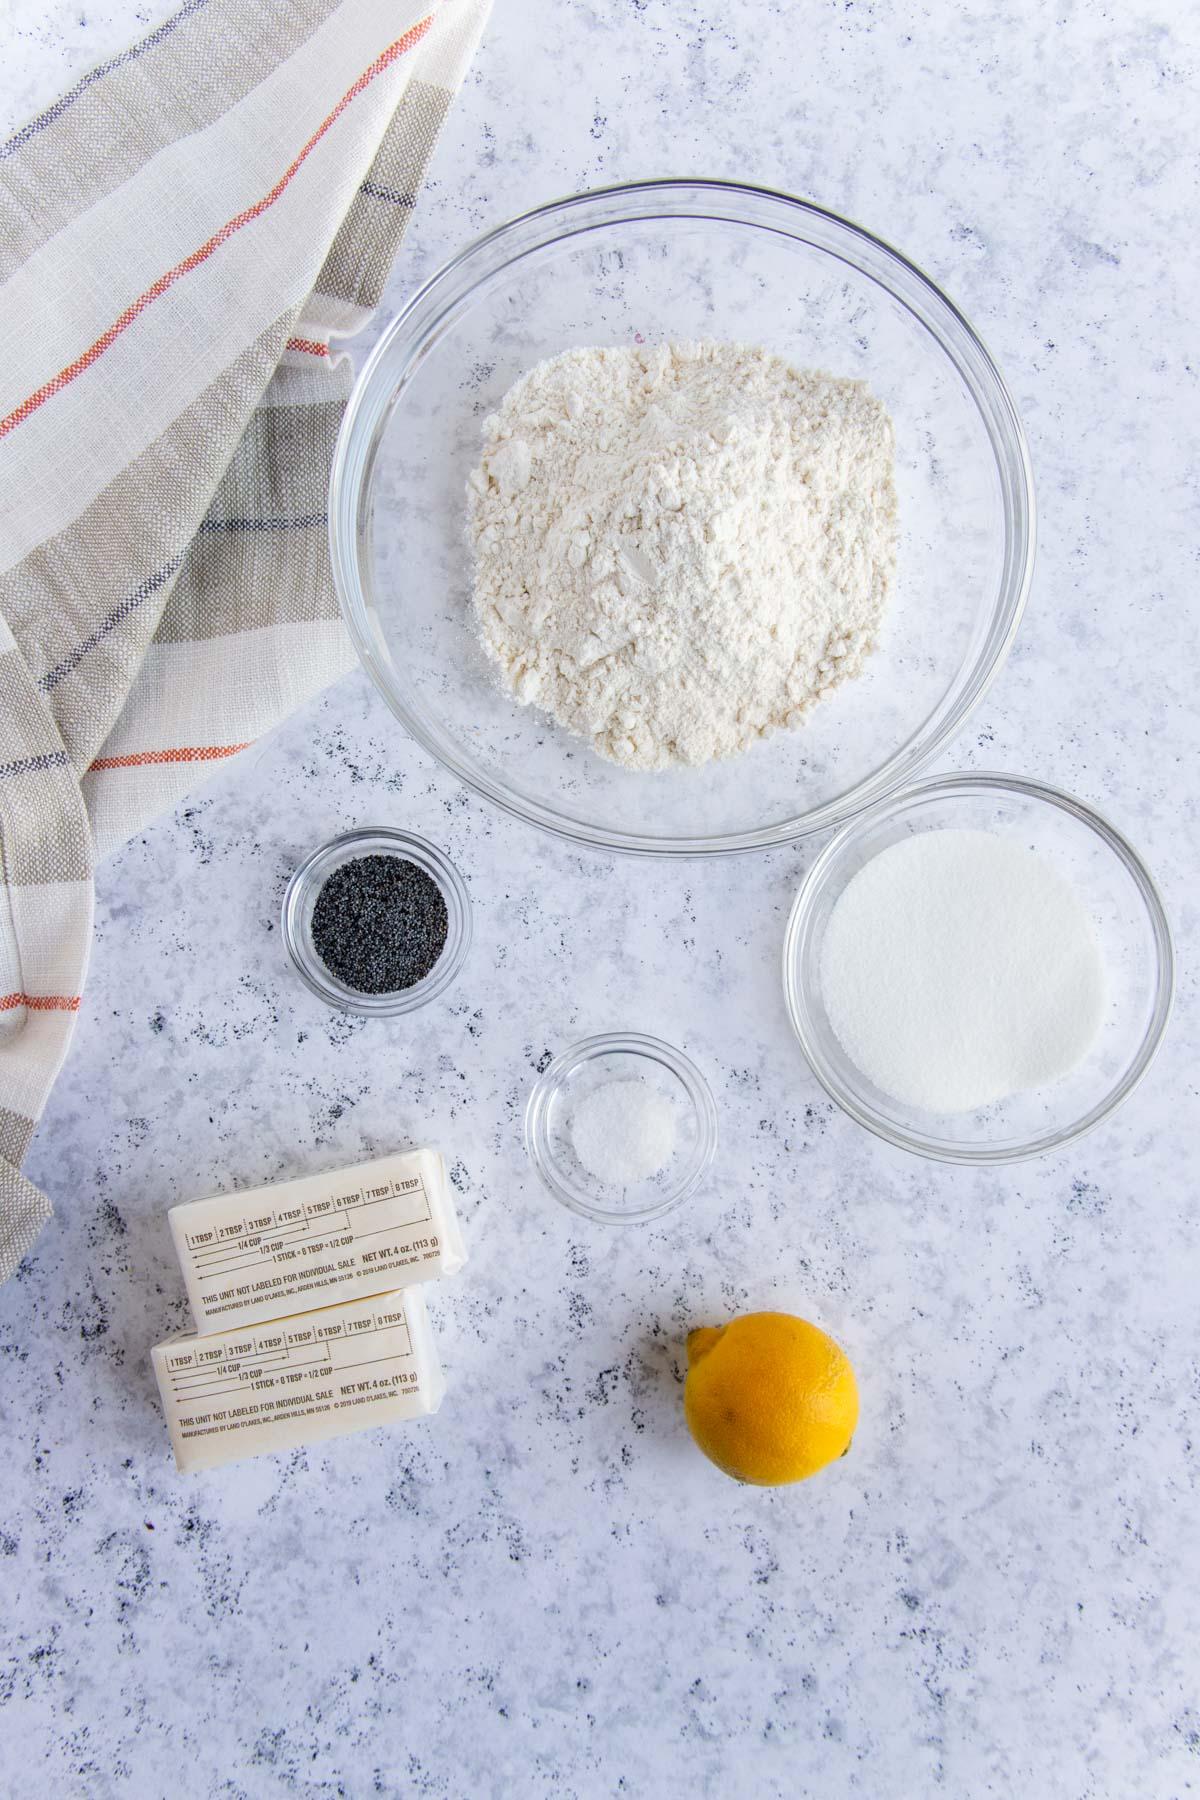 Lemon Poppy Seed Tart Crust Ingredients - Flour, Sugar, Poppy Seeds, Lemon, Butter and Salt